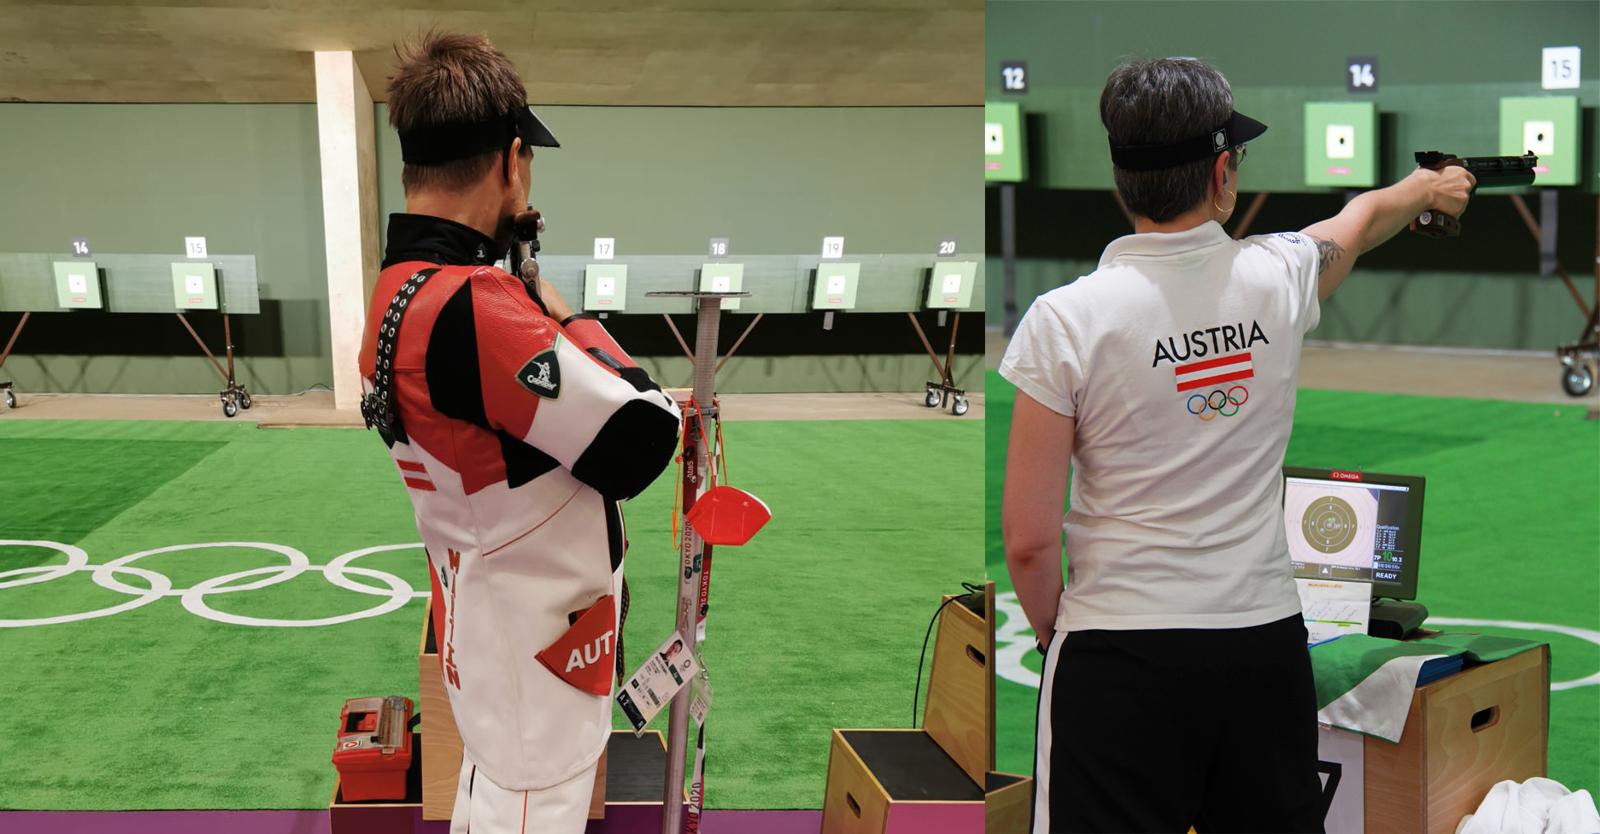 Strempfl und Steiner bei ihren ersten Schüssen in Tokio